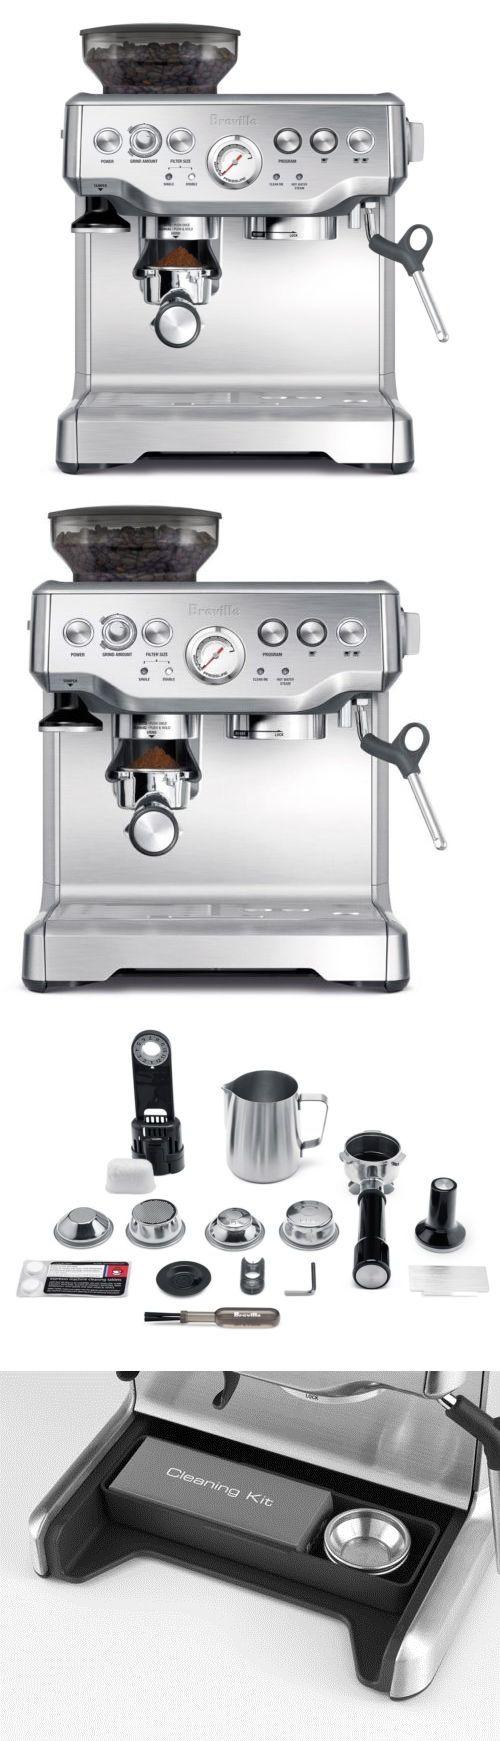 78 best ideas about commercial appliances on pinterest | kitchen